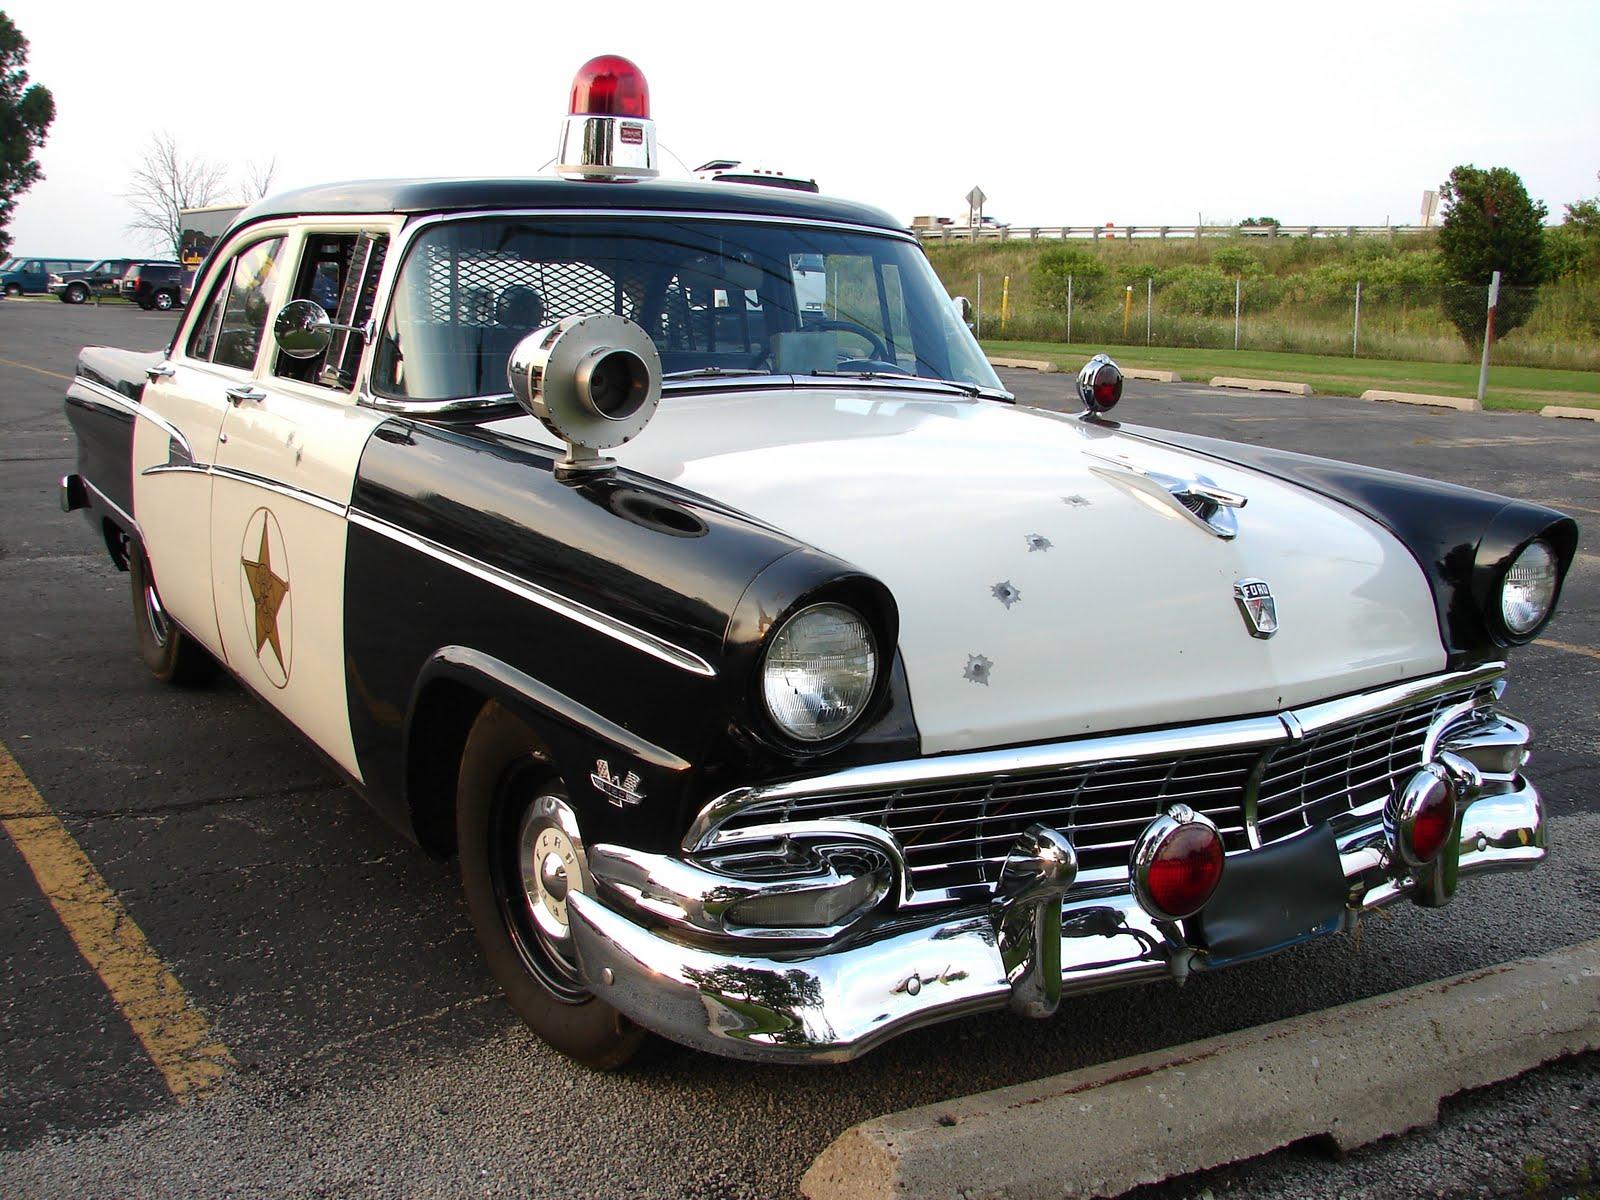 vintage police cars vintage cars. Black Bedroom Furniture Sets. Home Design Ideas